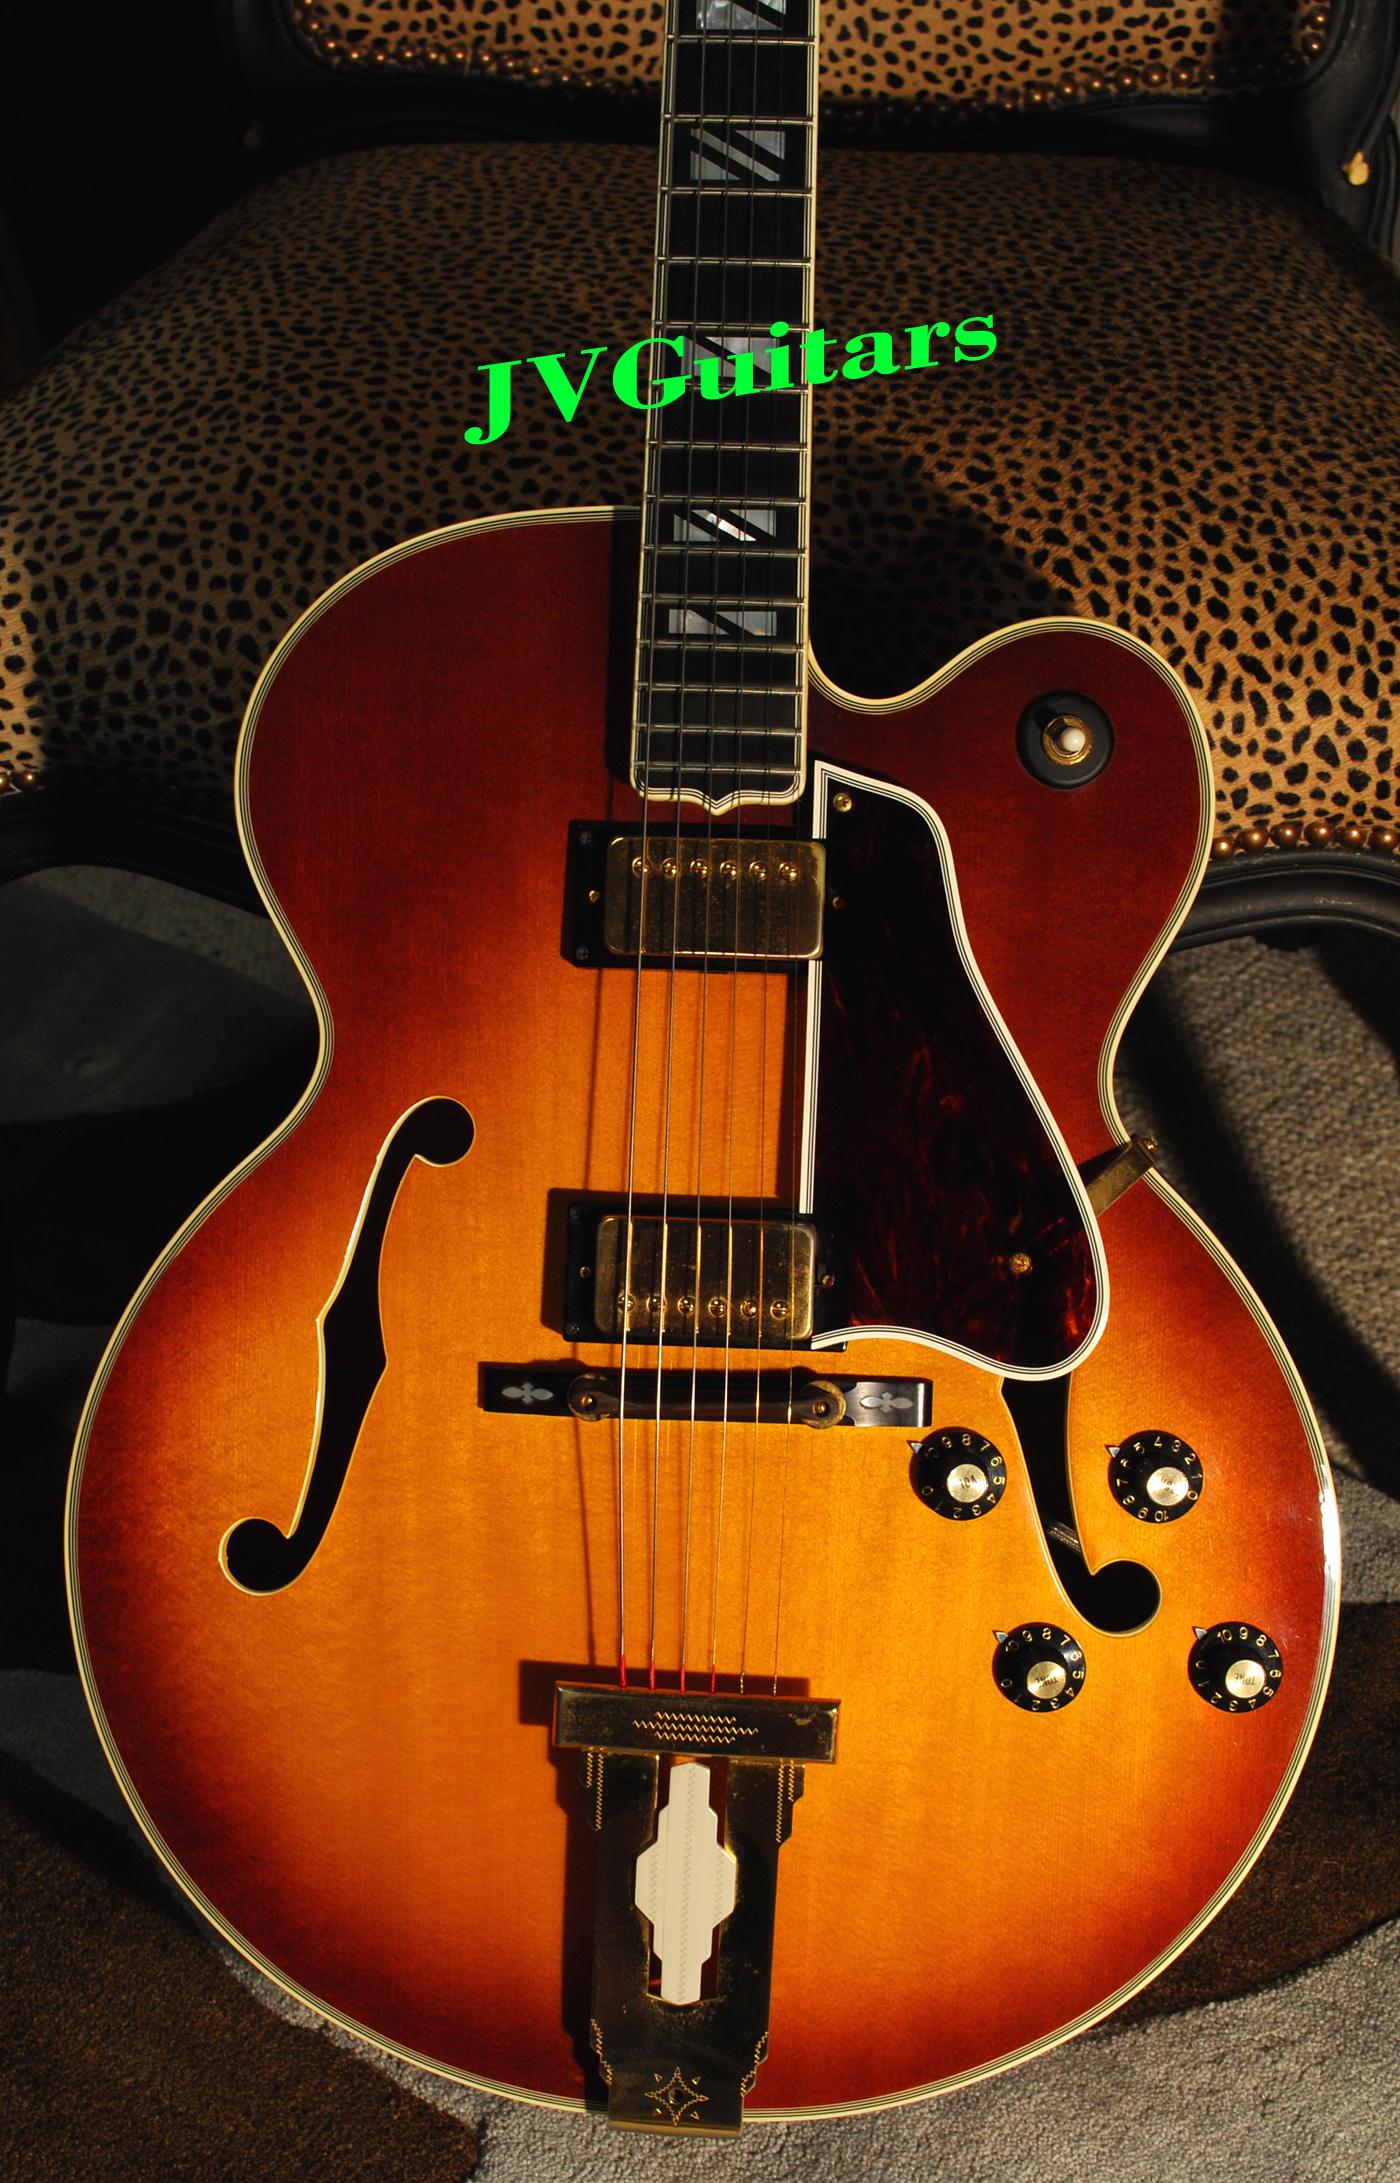 Gibson guitar factory memphis wedding